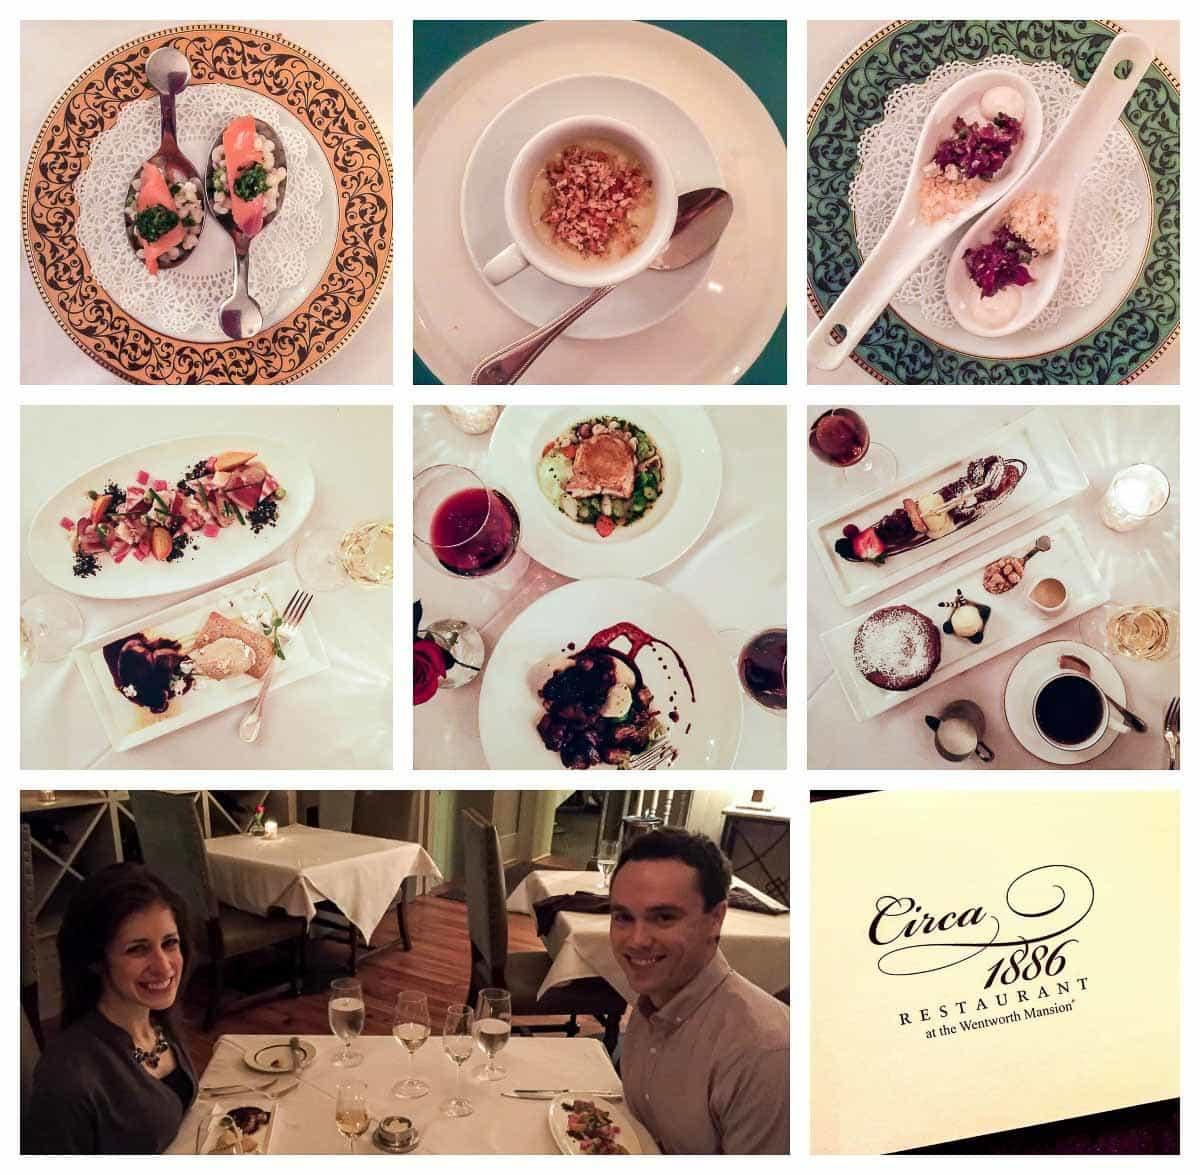 Best Charleston restaurants: CIrca 1886